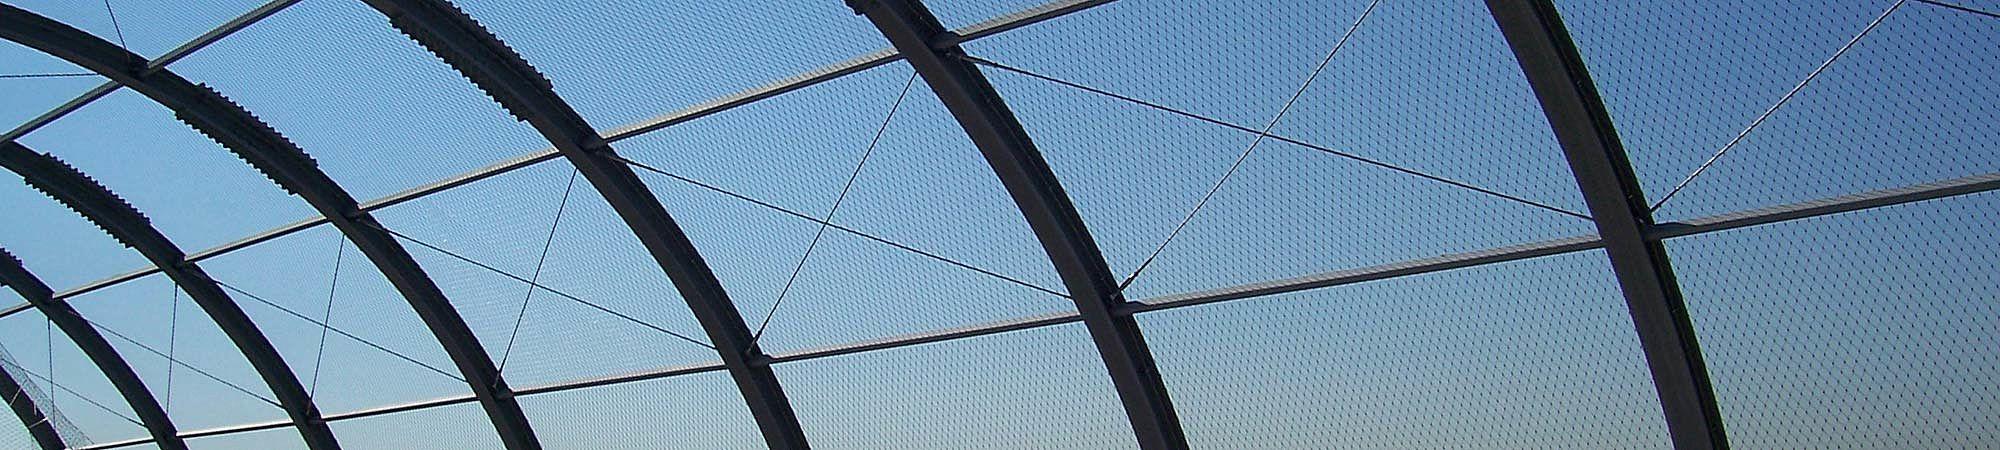 Dachsicherung Wurfschutz Ballfangnetz X-TEND Edelstahl-Seilnetz